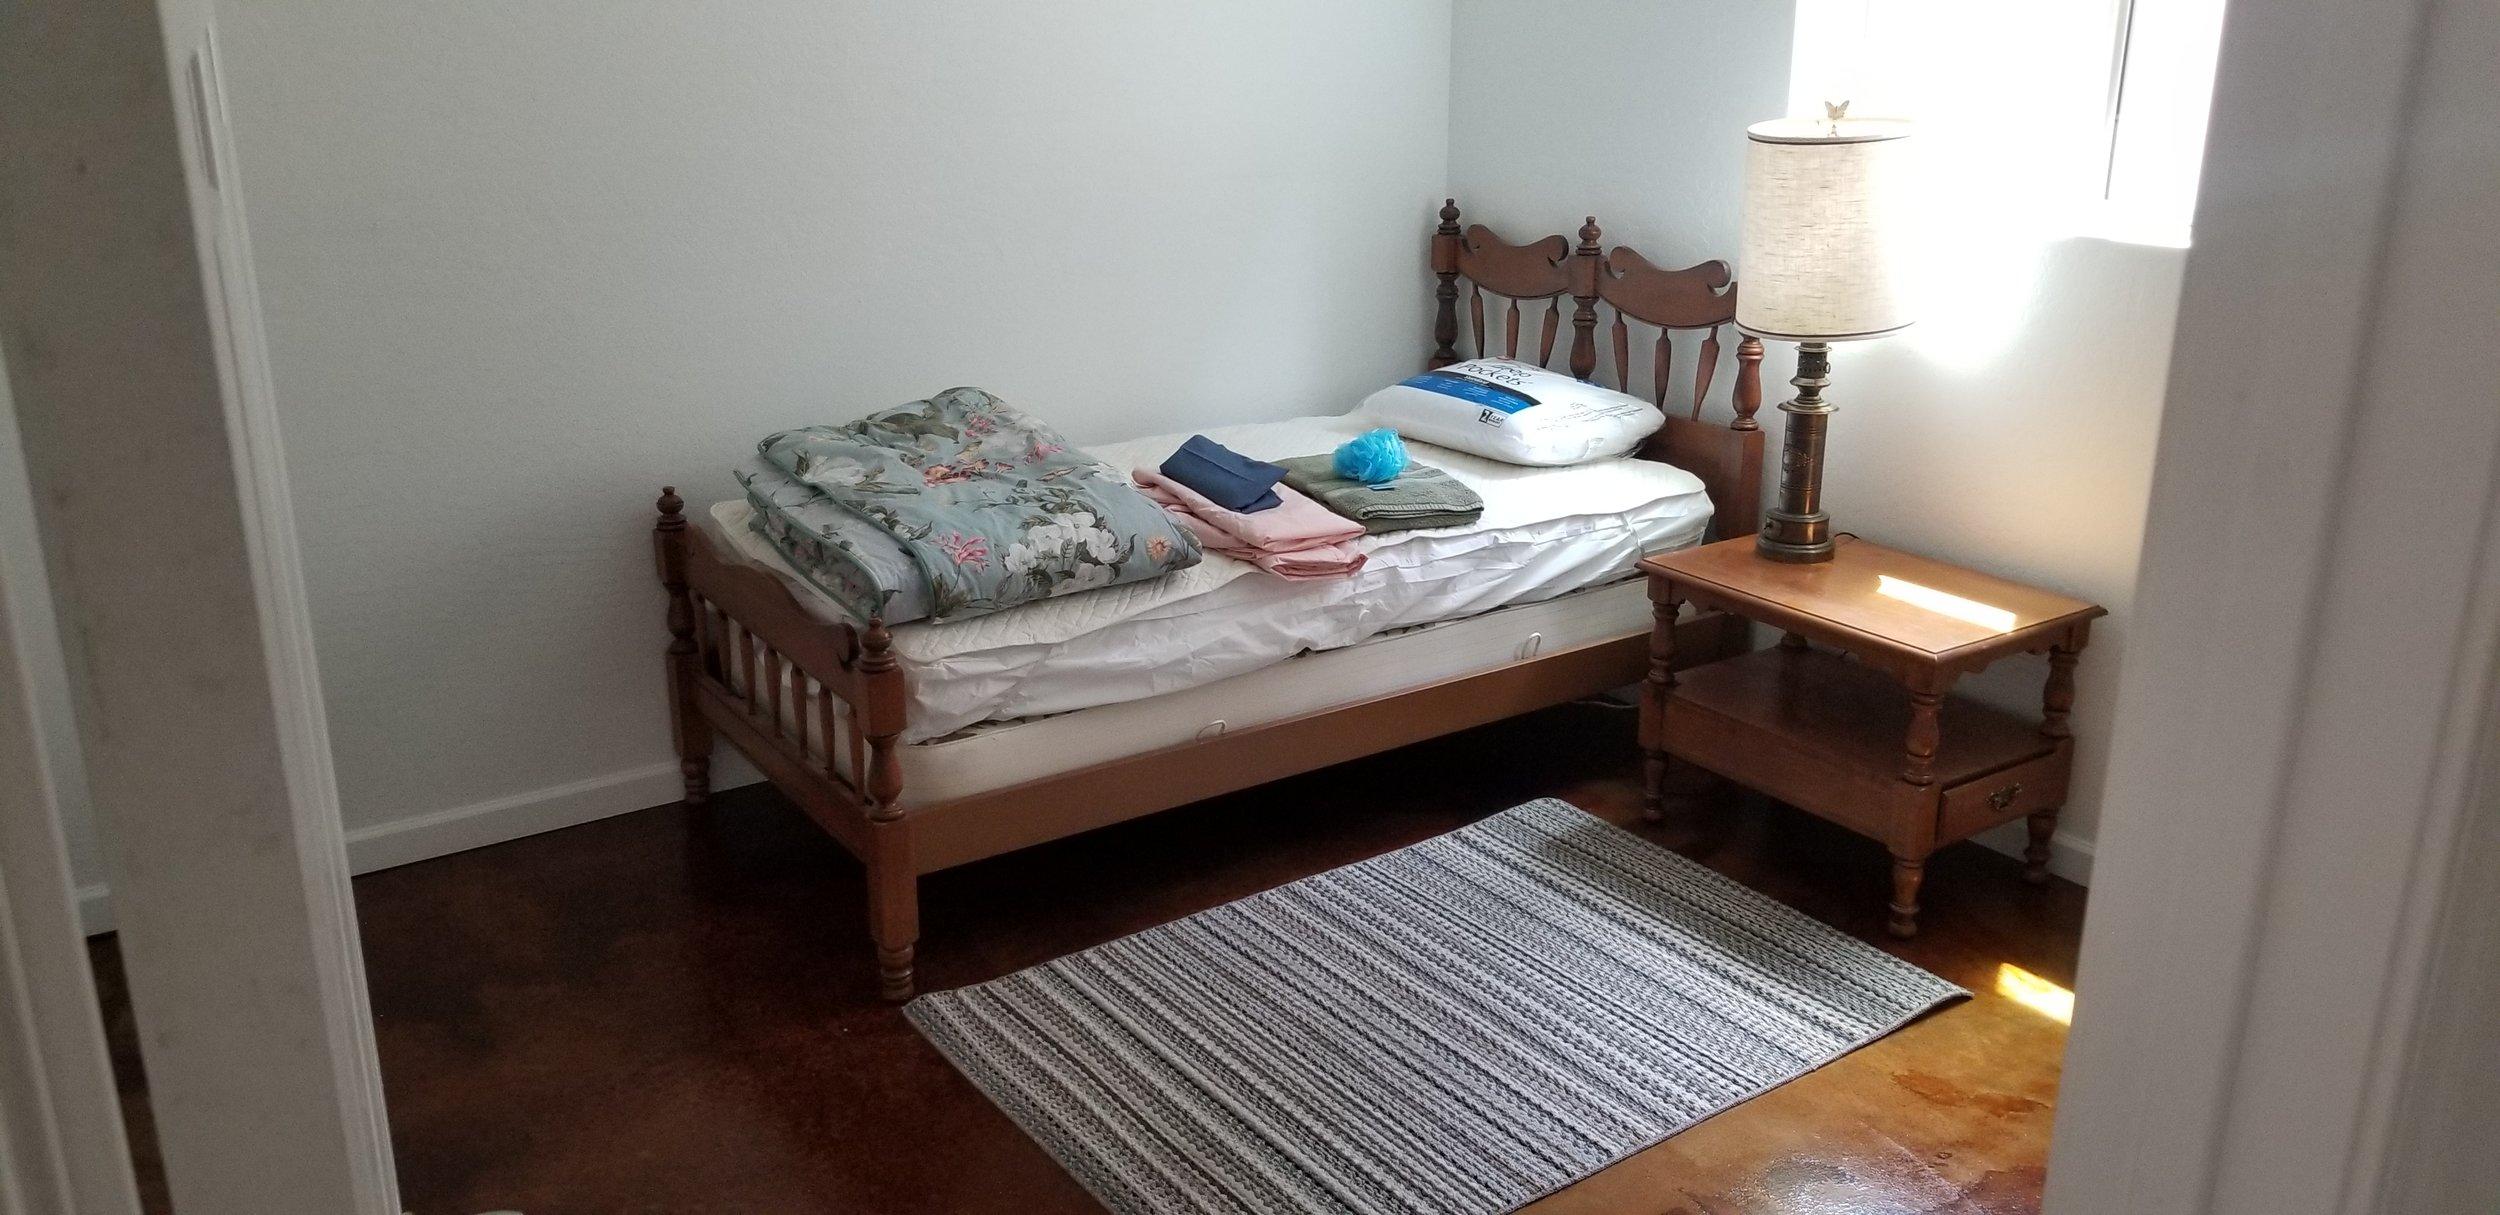 Bedrooms 2 & 3 complete